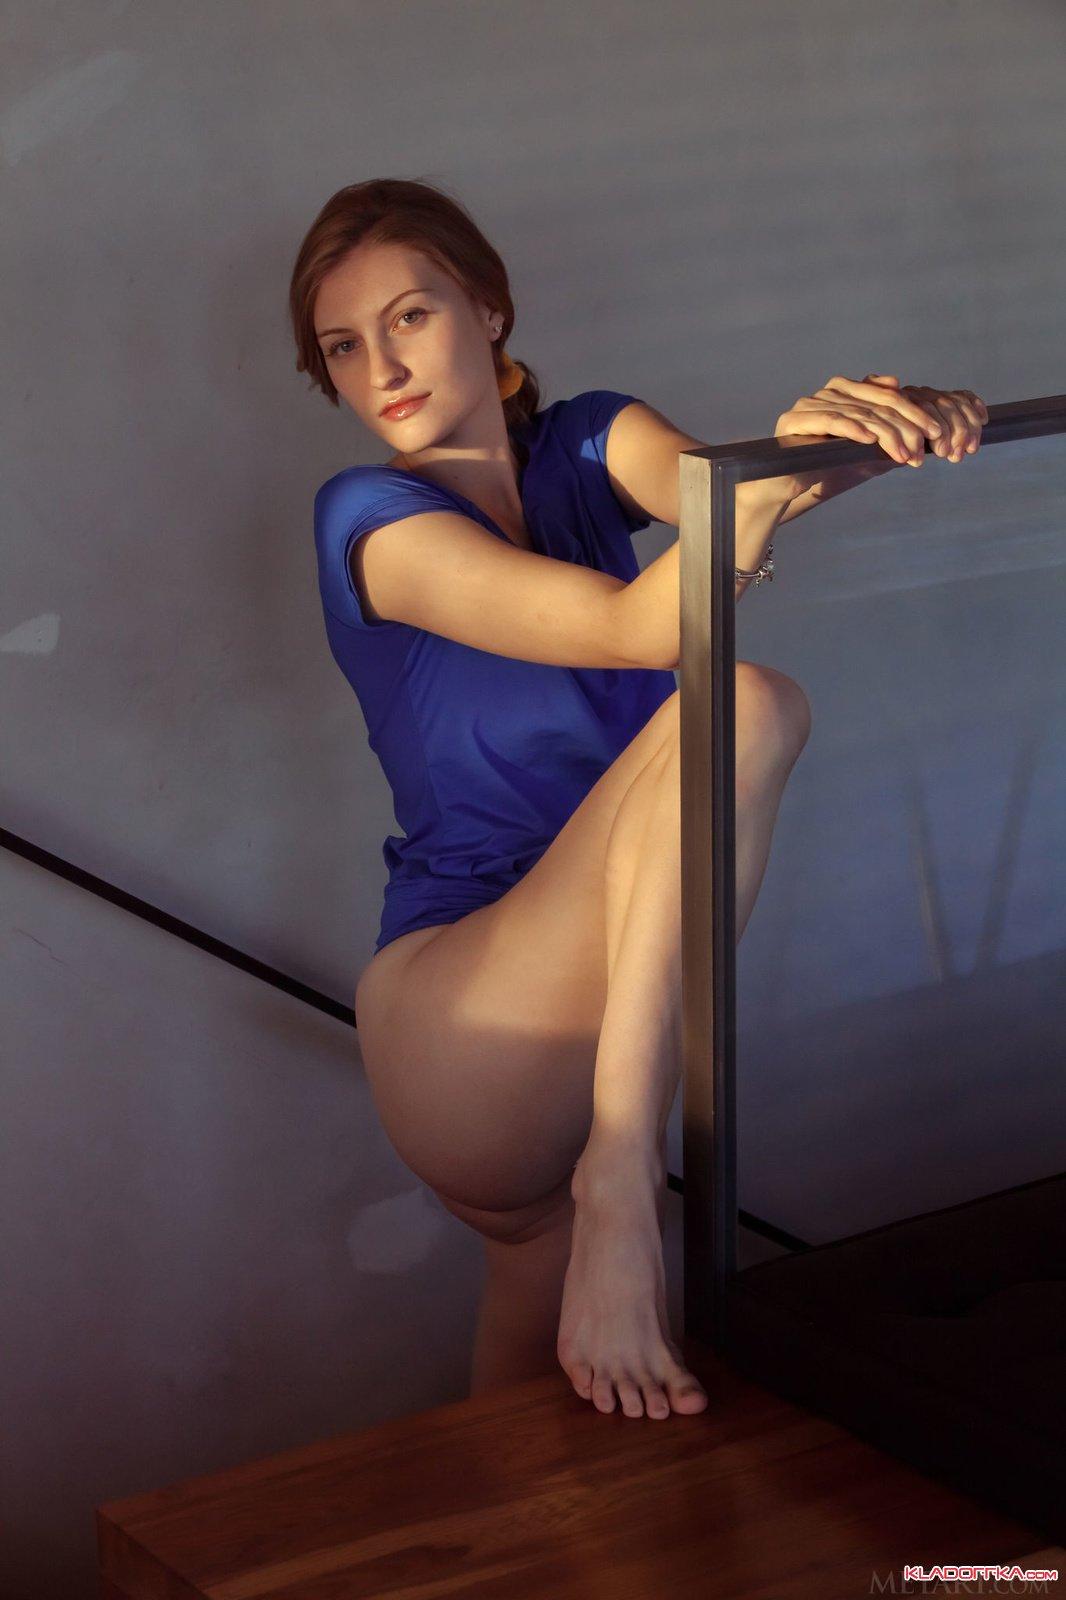 Порно анал голое красивое гибкое тело фото секс случайно трахнул